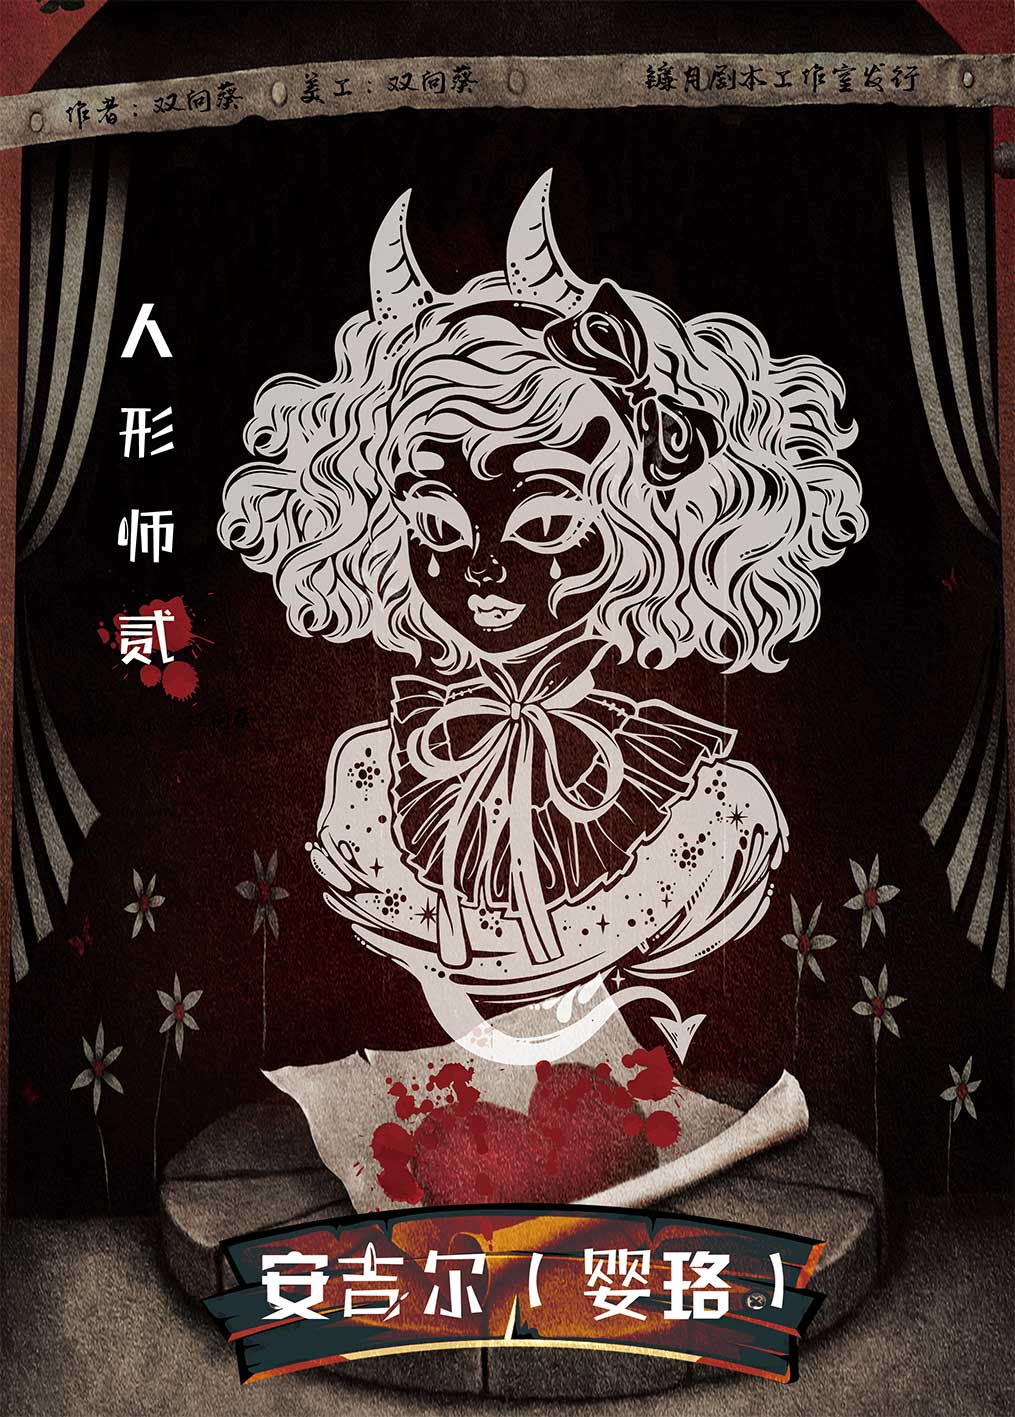 『人形师2·畸形秀』剧本杀复盘解析/答案/凶手是谁